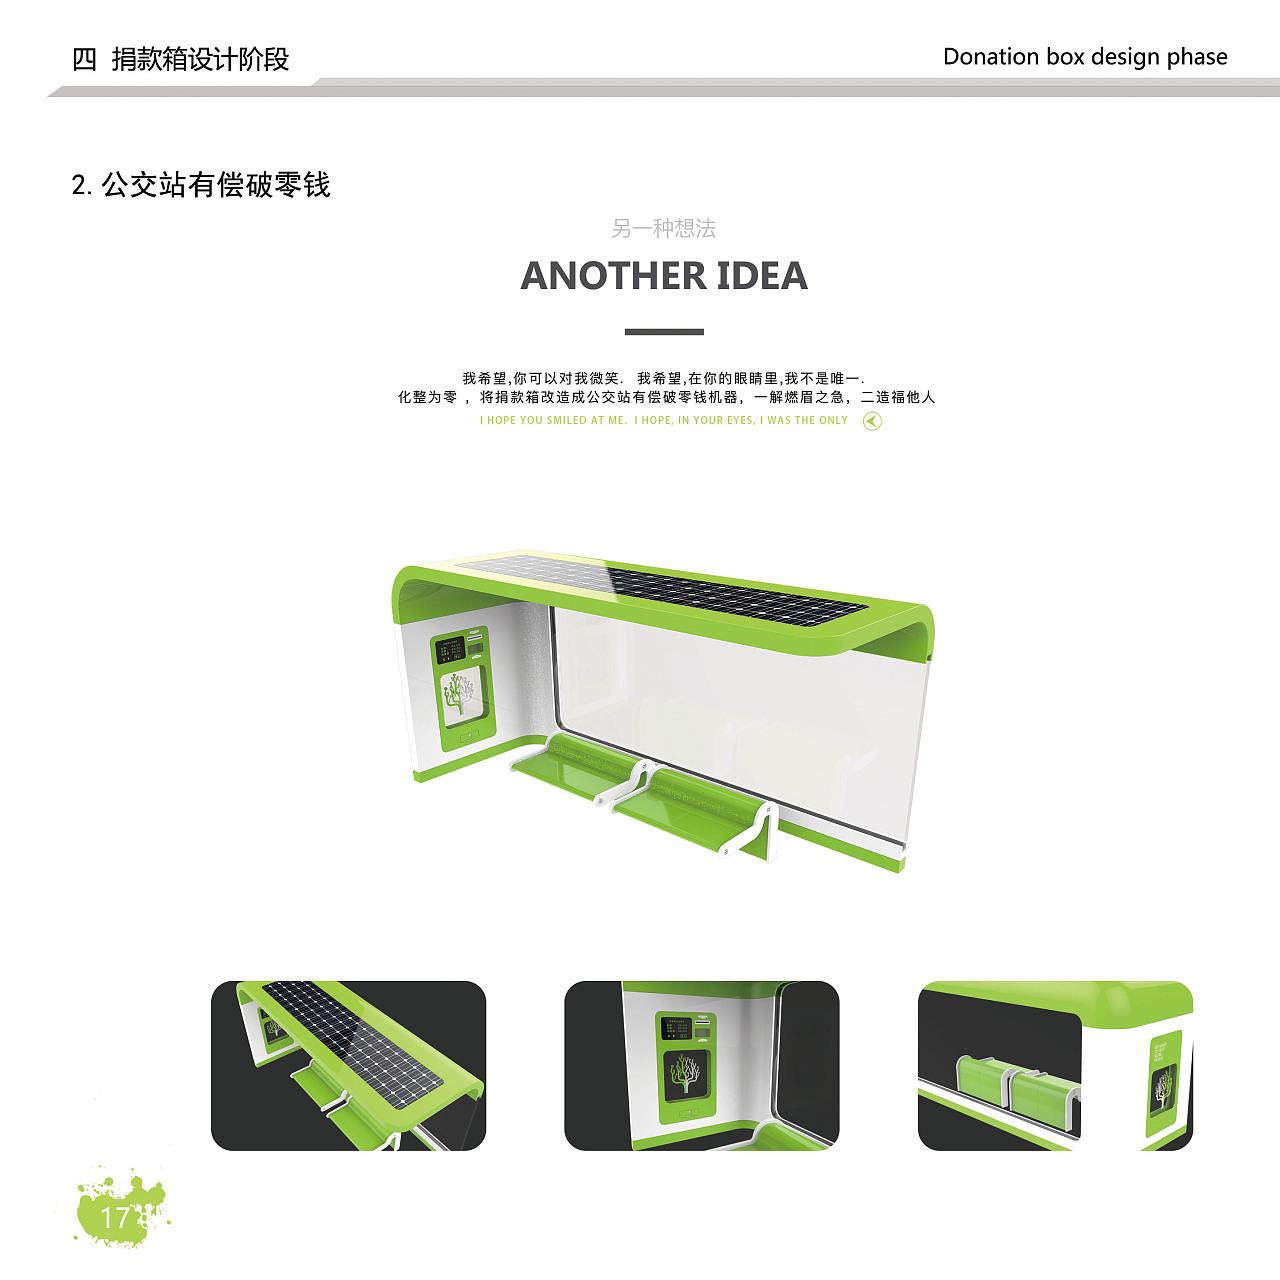 智公益捐款箱v公益(ID+UI)-内蒙古大学科技家装设计图纸一般多少钱图片